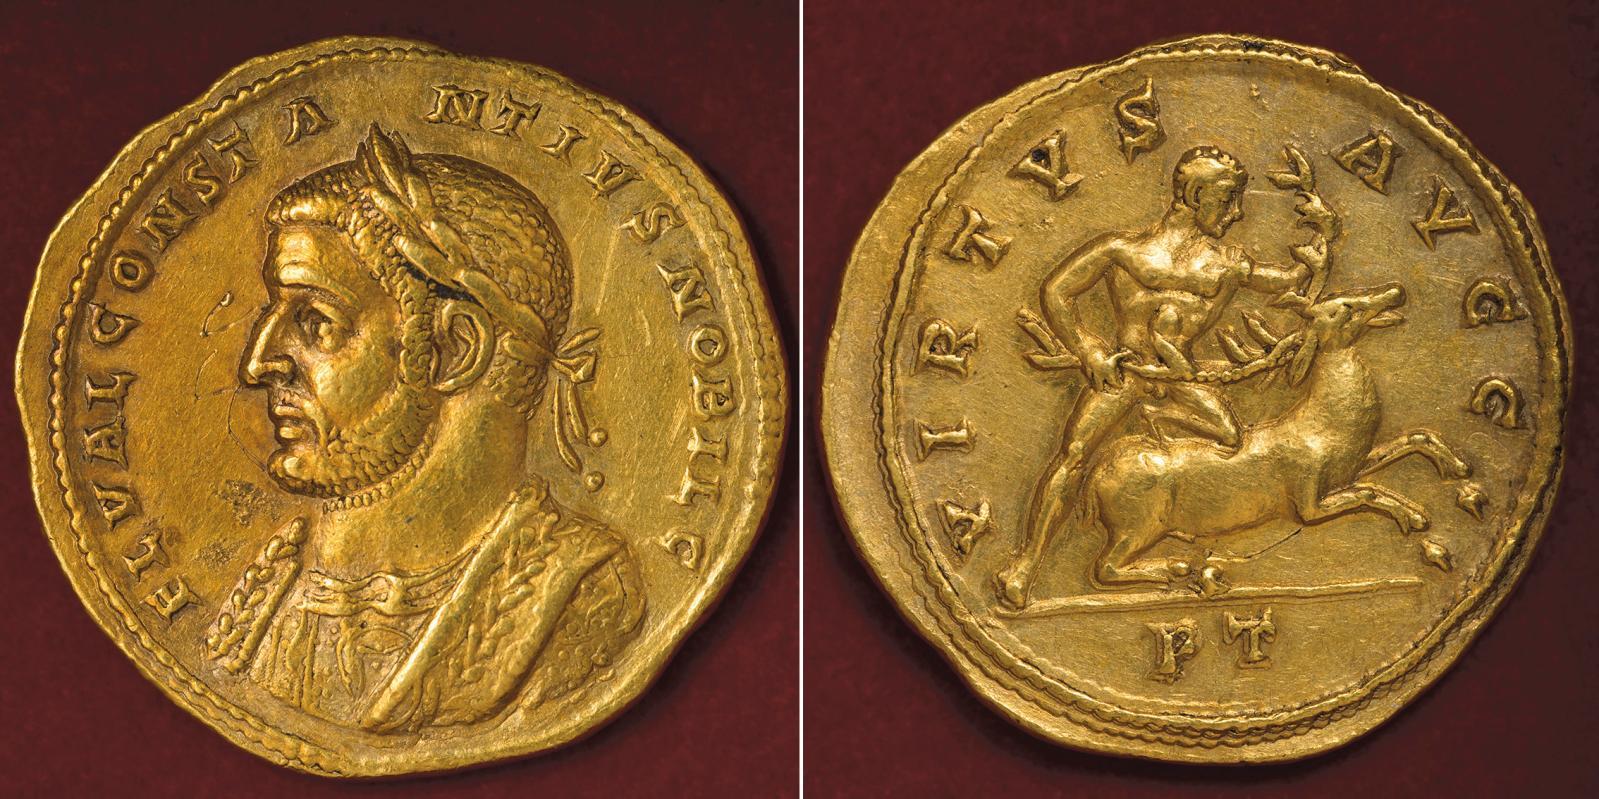 Multiple de 5aurei à l'effigie de Constance Chlore, émis à Trèves en 294 pour fêter la fondation de la Tétrachie, or, 27g. Au revers: «